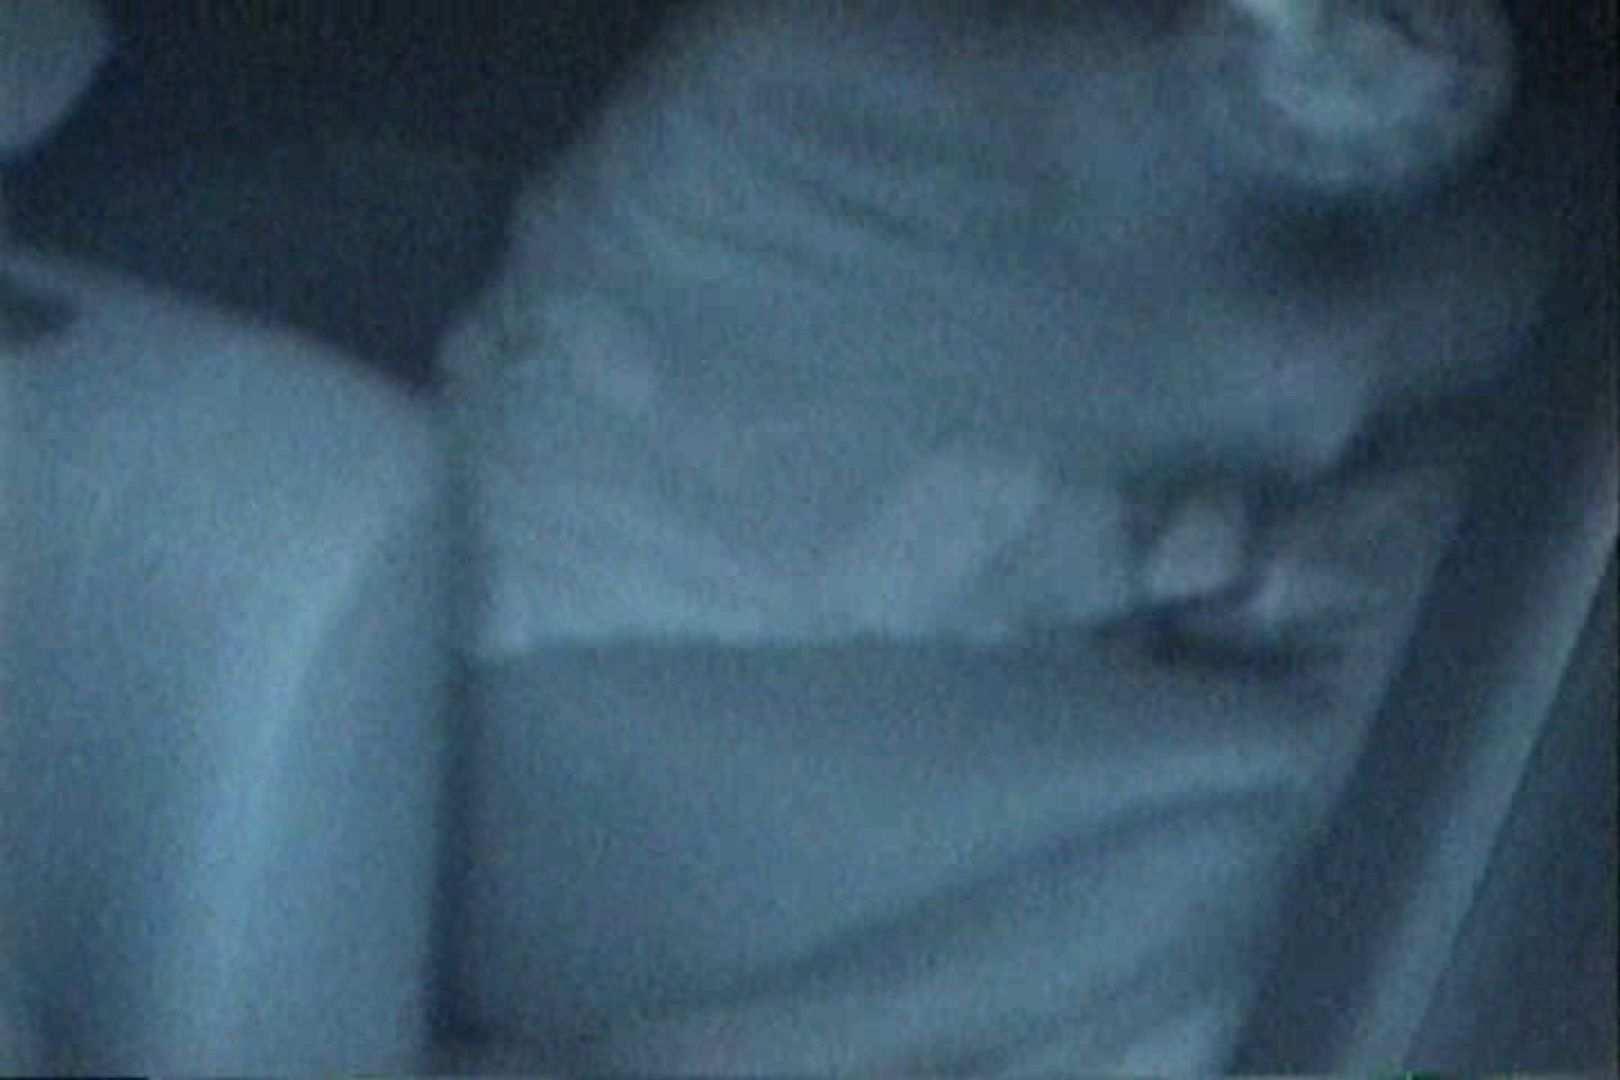 充血監督の深夜の運動会Vol.150 車の中のカップル | おまんこ無修正  85画像 21